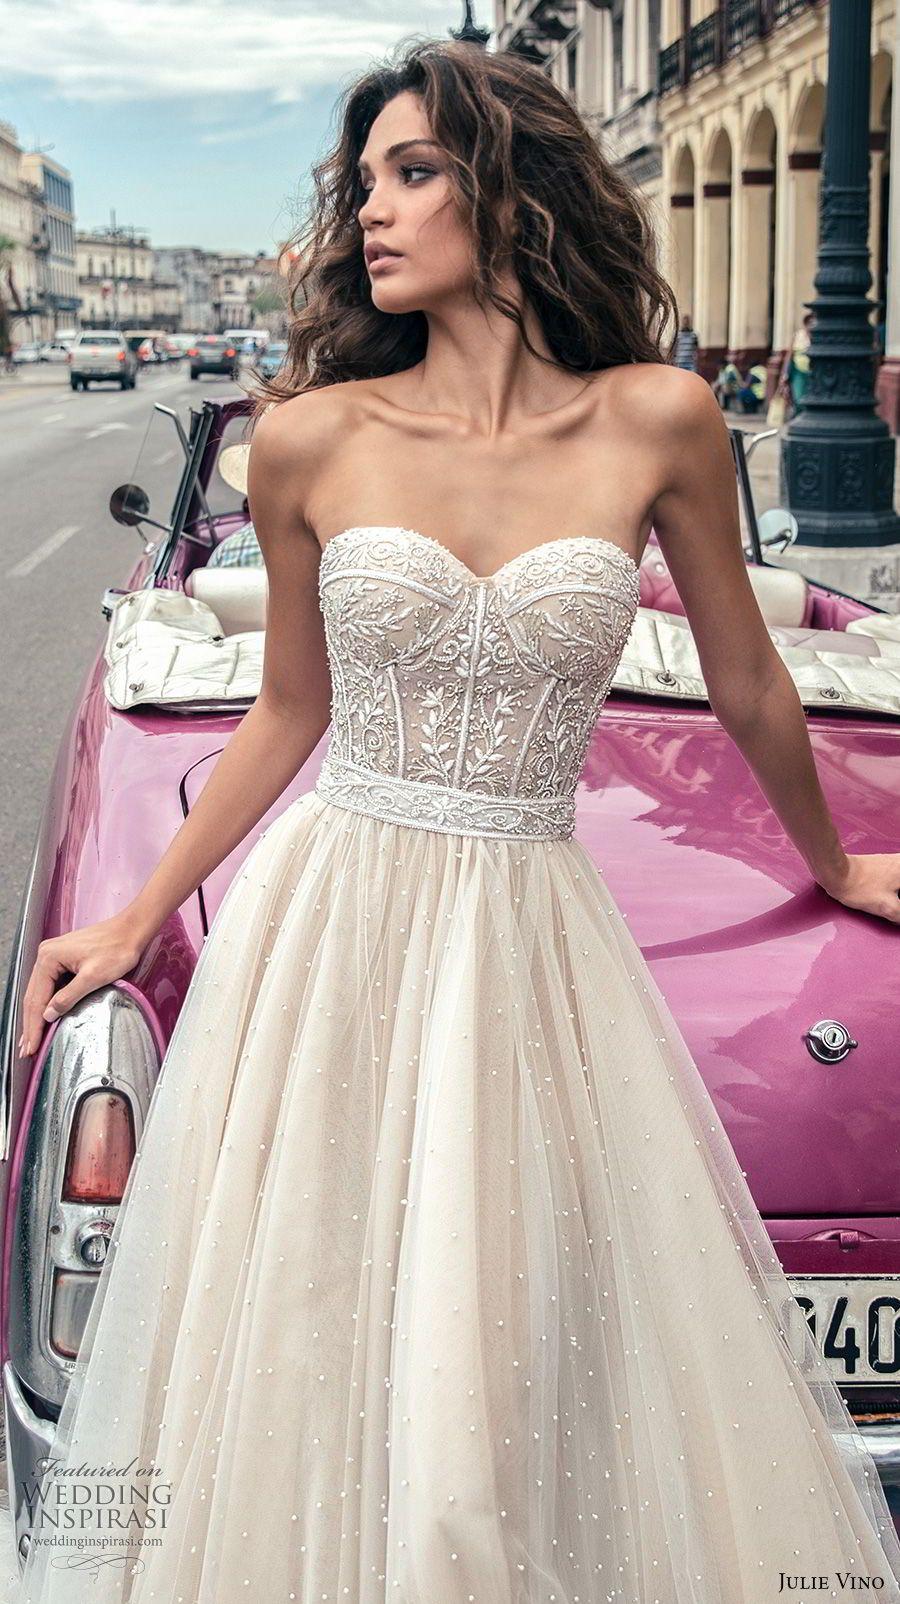 Julie Vino Herbst 2018 Brautkleider | Wedding | Pinterest ...